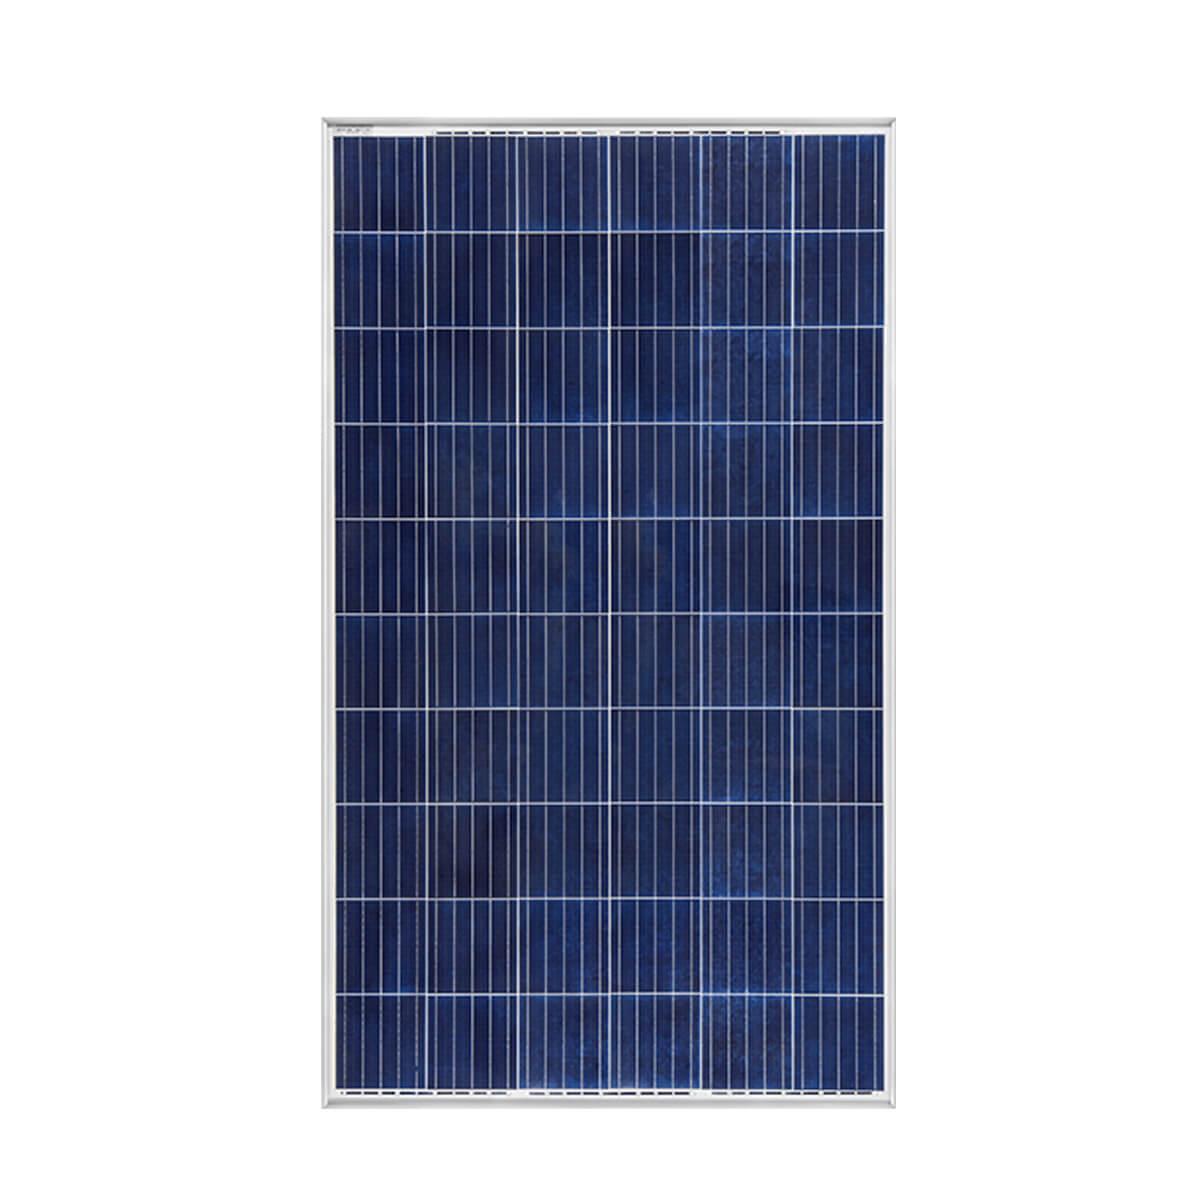 plurawatt 280W panel, plurawatt 280Watt panel, plurawatt 280 W panel, plurawatt 280 Watt panel, plurawatt 280 Watt polikristal panel, plurawatt 280 W watt gunes paneli, plurawatt 280 W watt polikristal gunes paneli, plurawatt 280 W Watt fotovoltaik polikristal solar panel, plurawatt 280W polikristal gunes enerjisi, plurawatt dc-60-280W panel, PLURAWATT 280 WATT